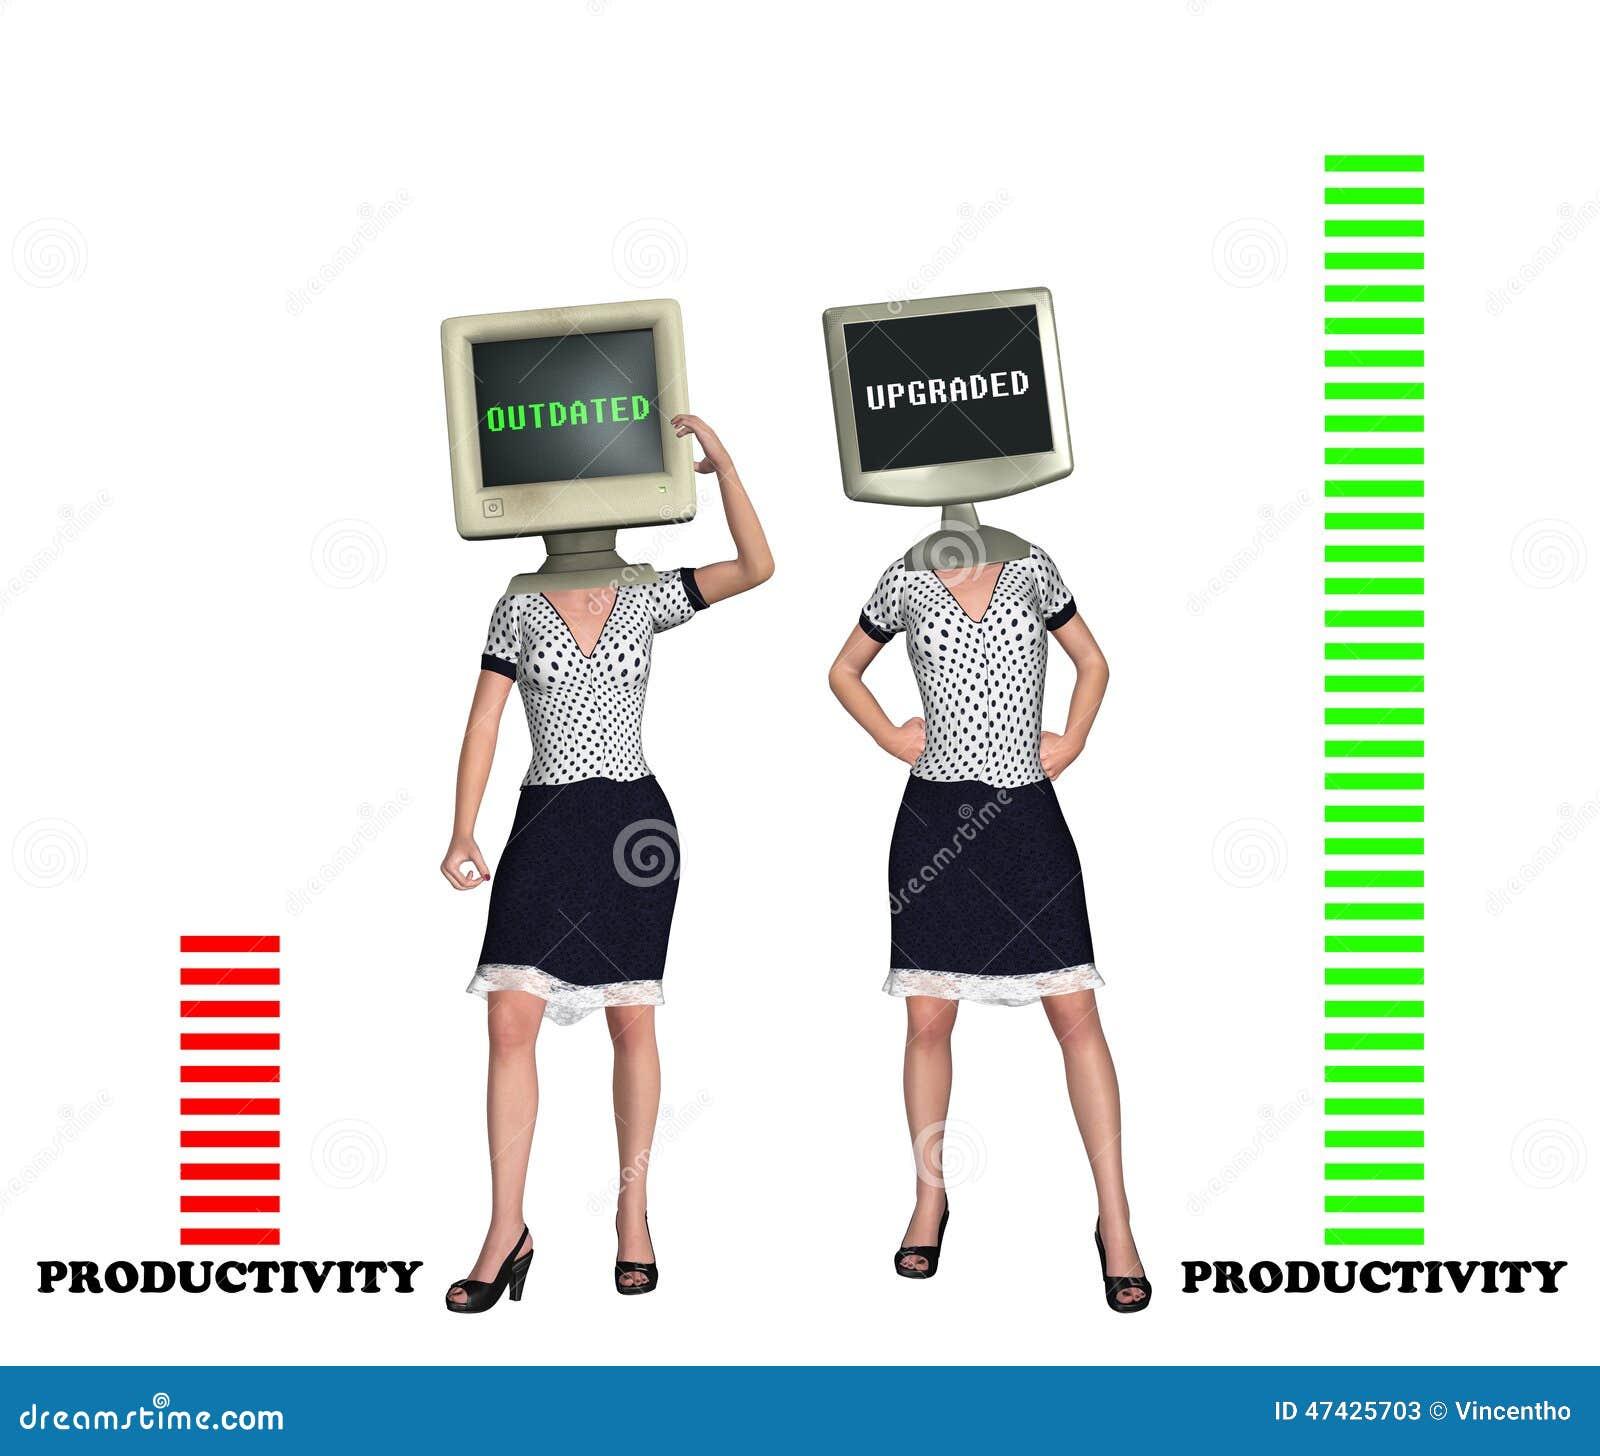 Απεικόνιση έννοιας αποδοτικότητας παραγωγικότητας εργατικού δυναμικού